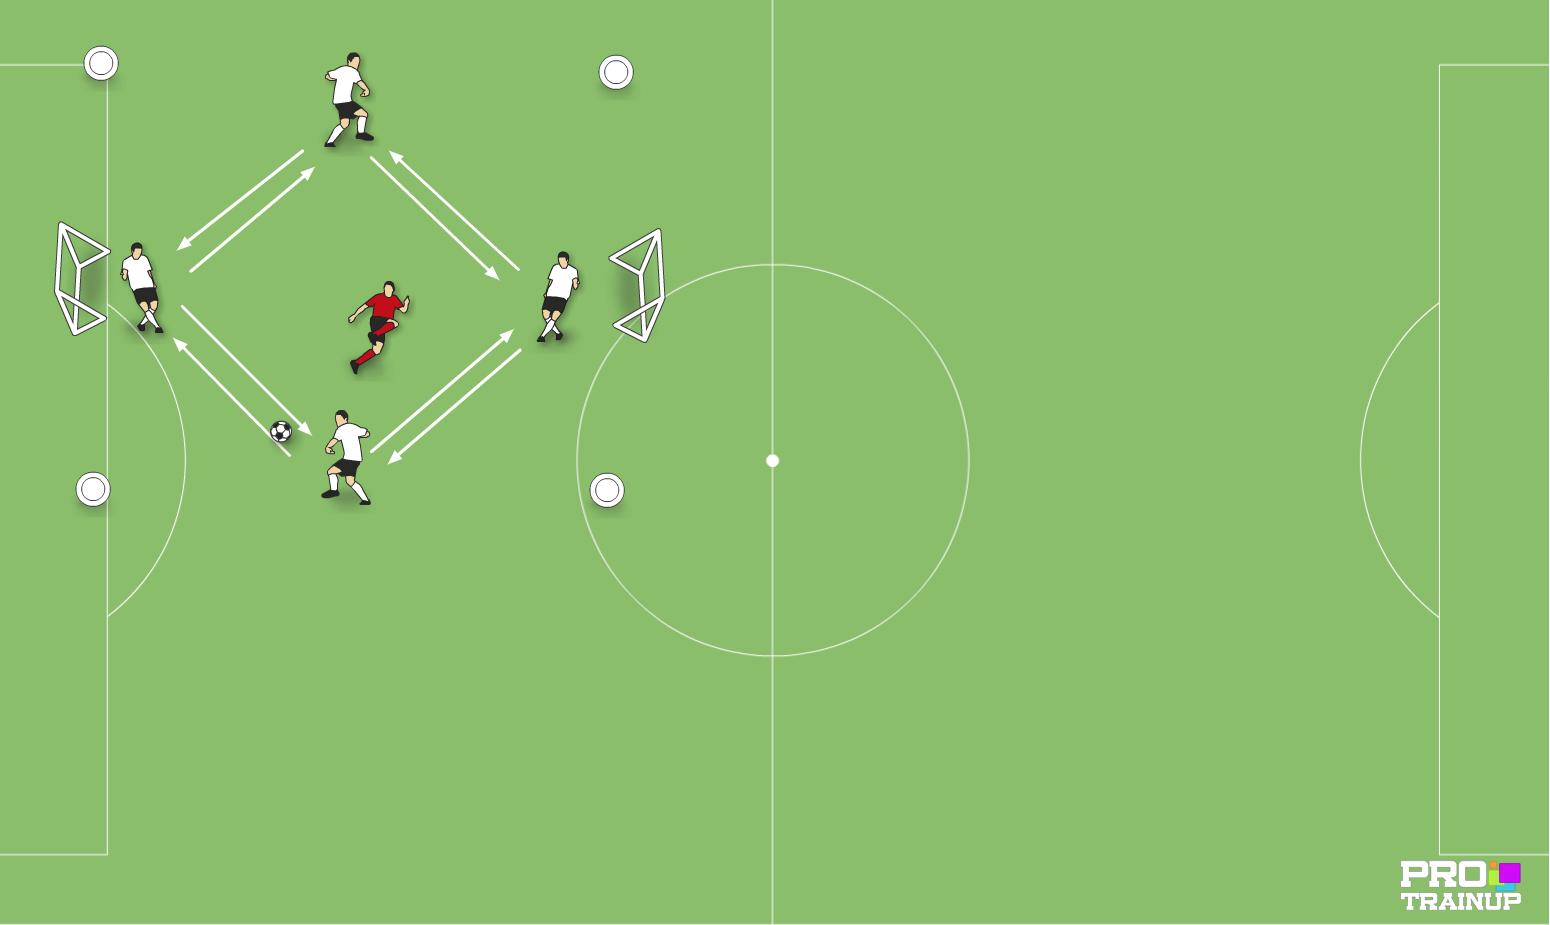 4x1 z przejście do odbioru piłki